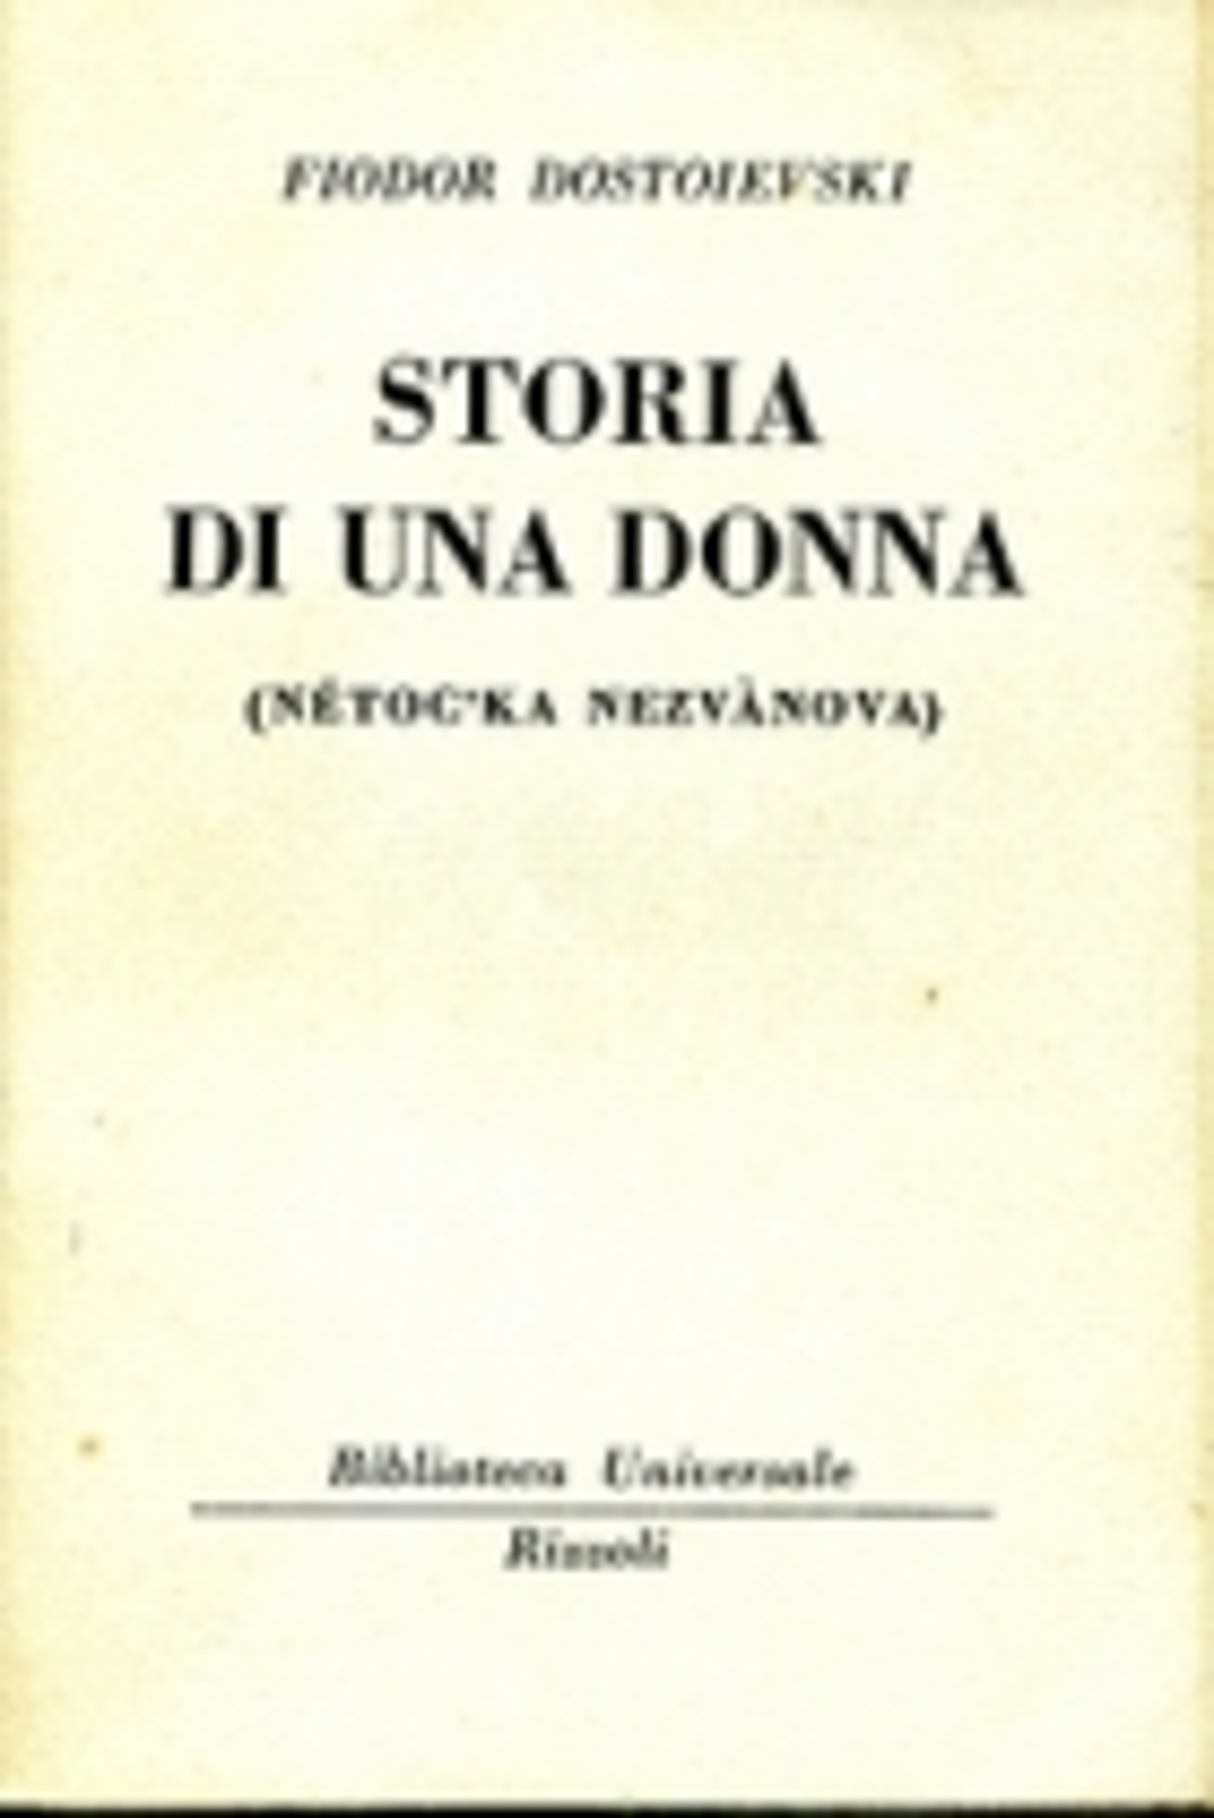 Storia di una donna